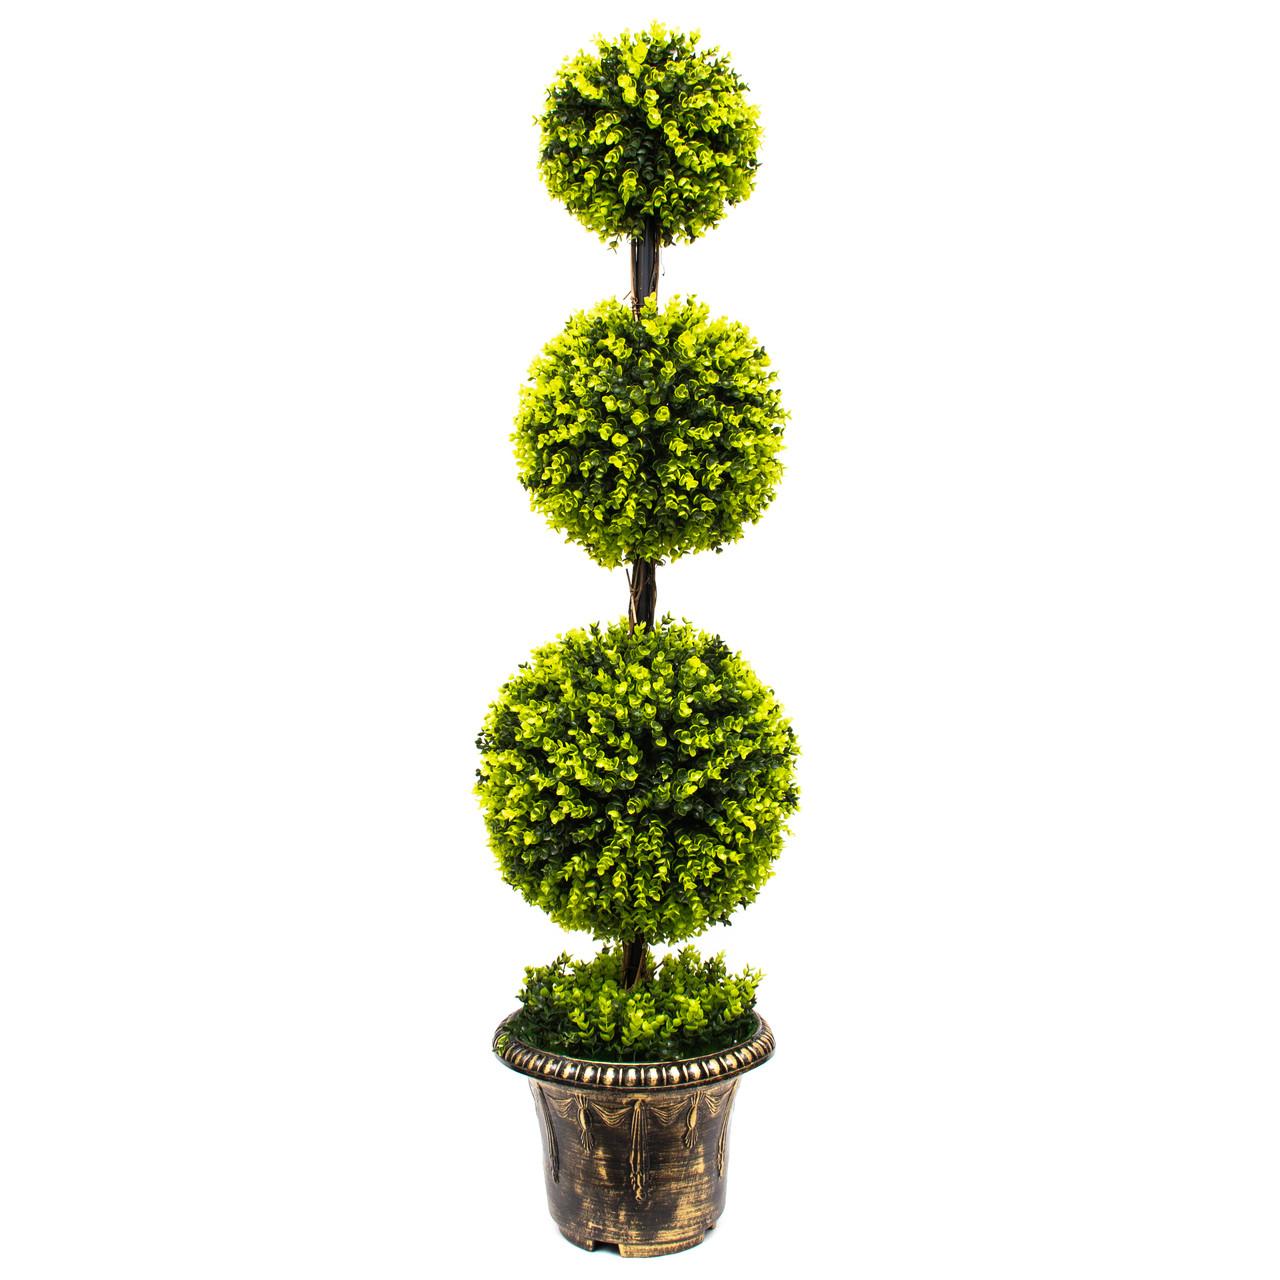 Искусственное дерево Самшит, 120 см (960118)